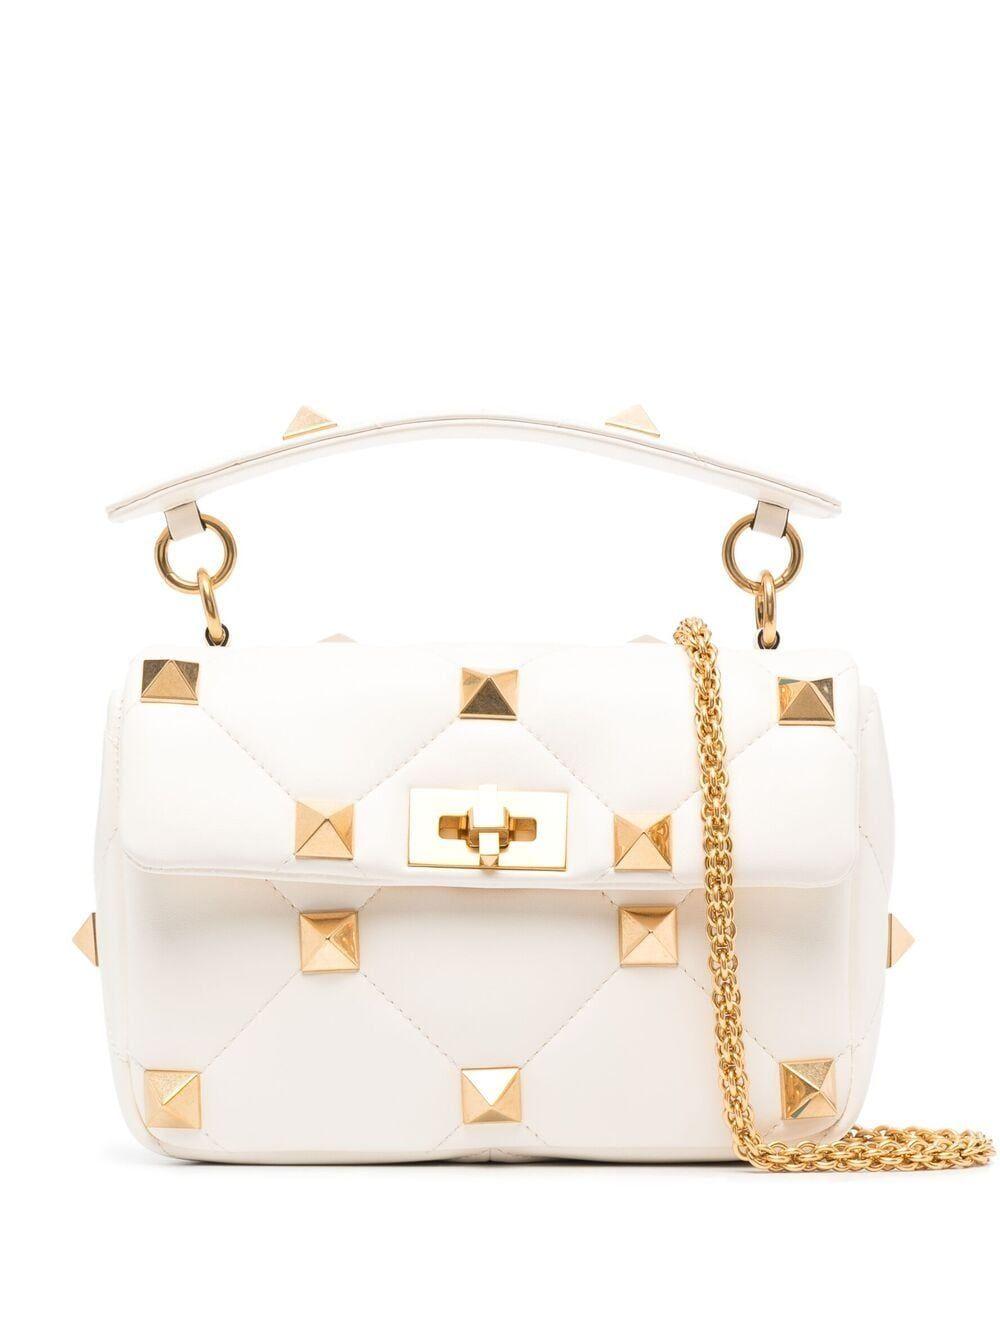 Valentino garavani bags.. white